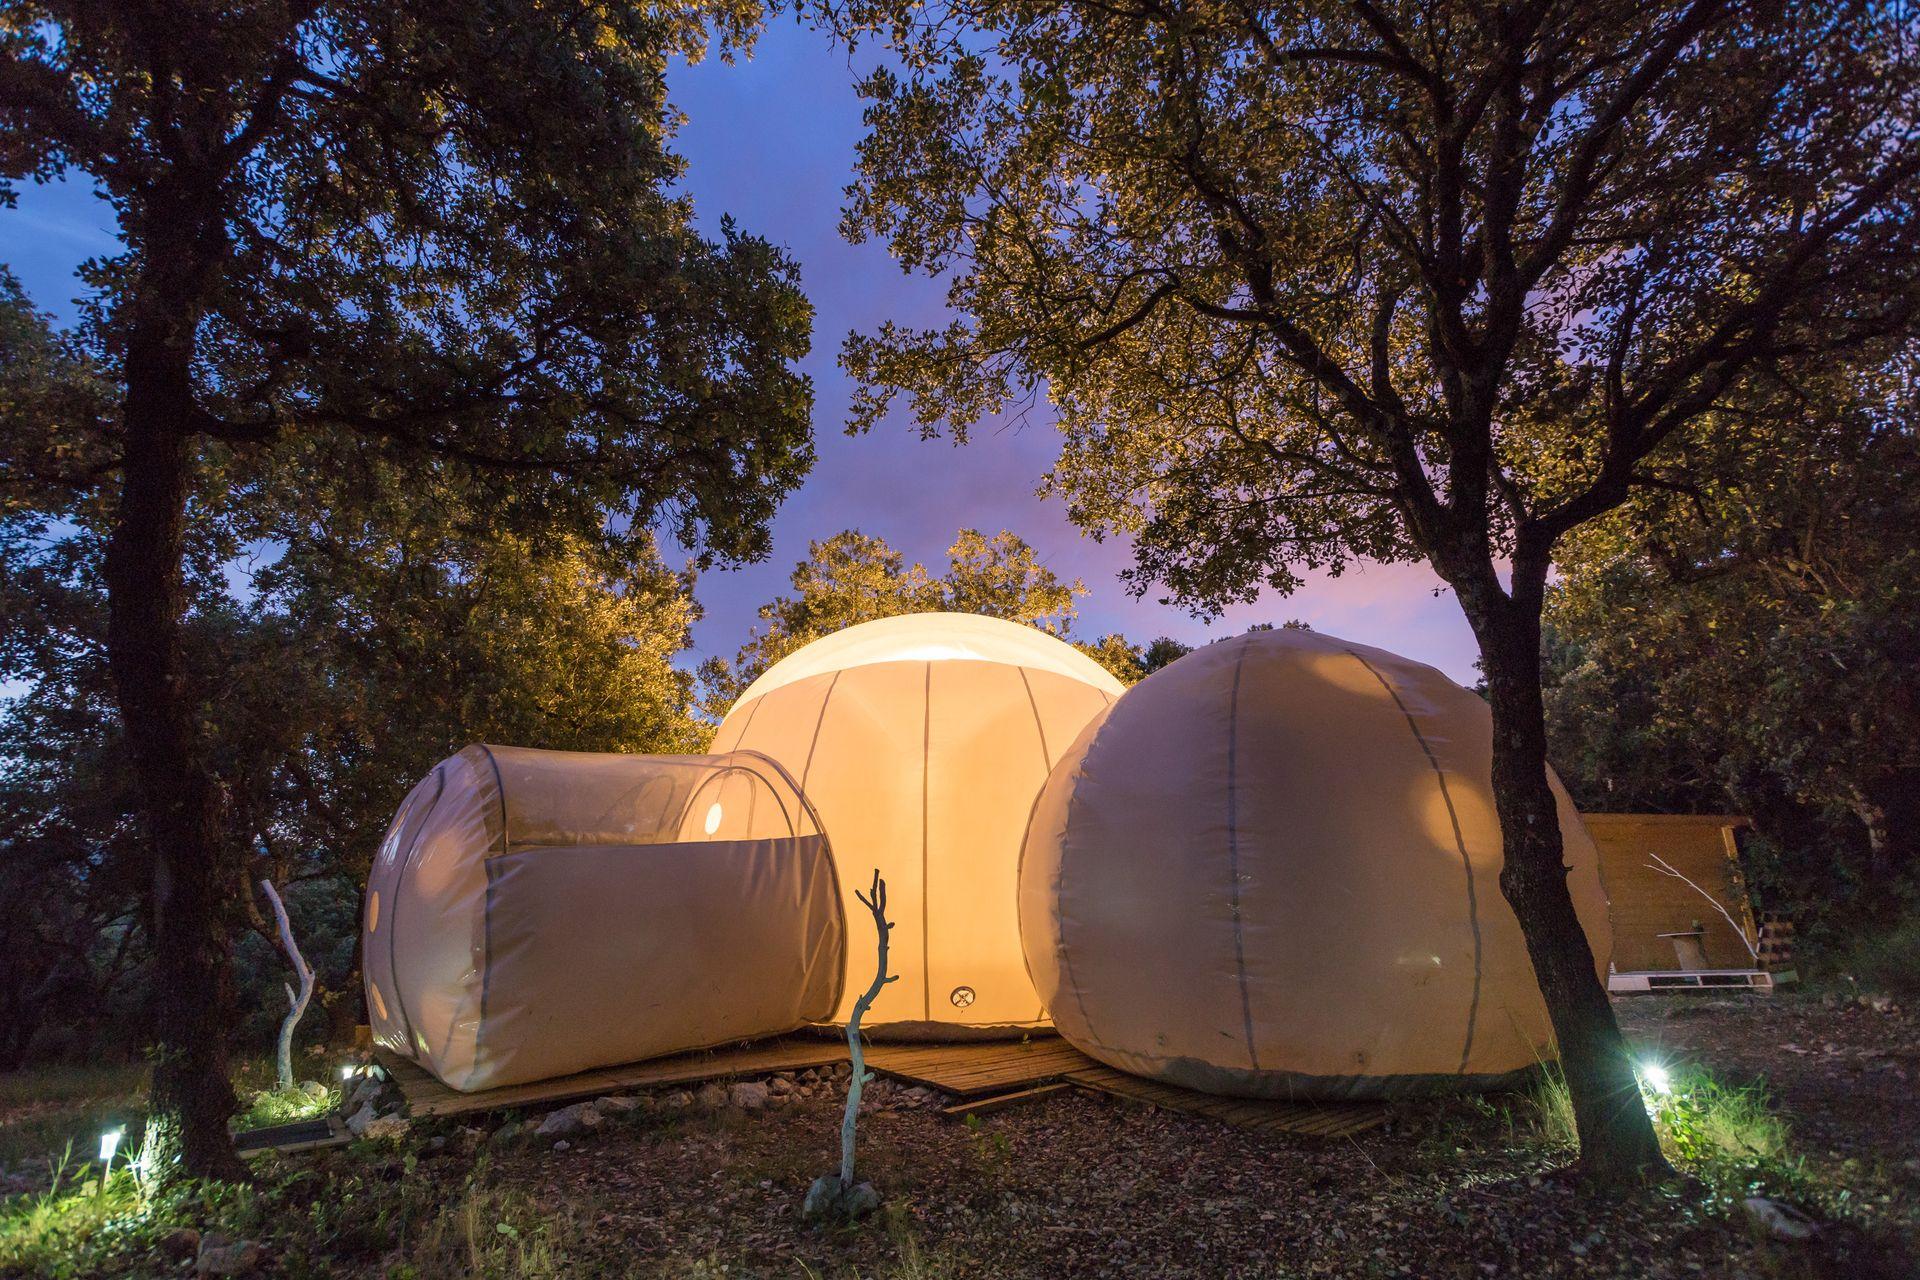 Astronarium hébergement insolite en bulle